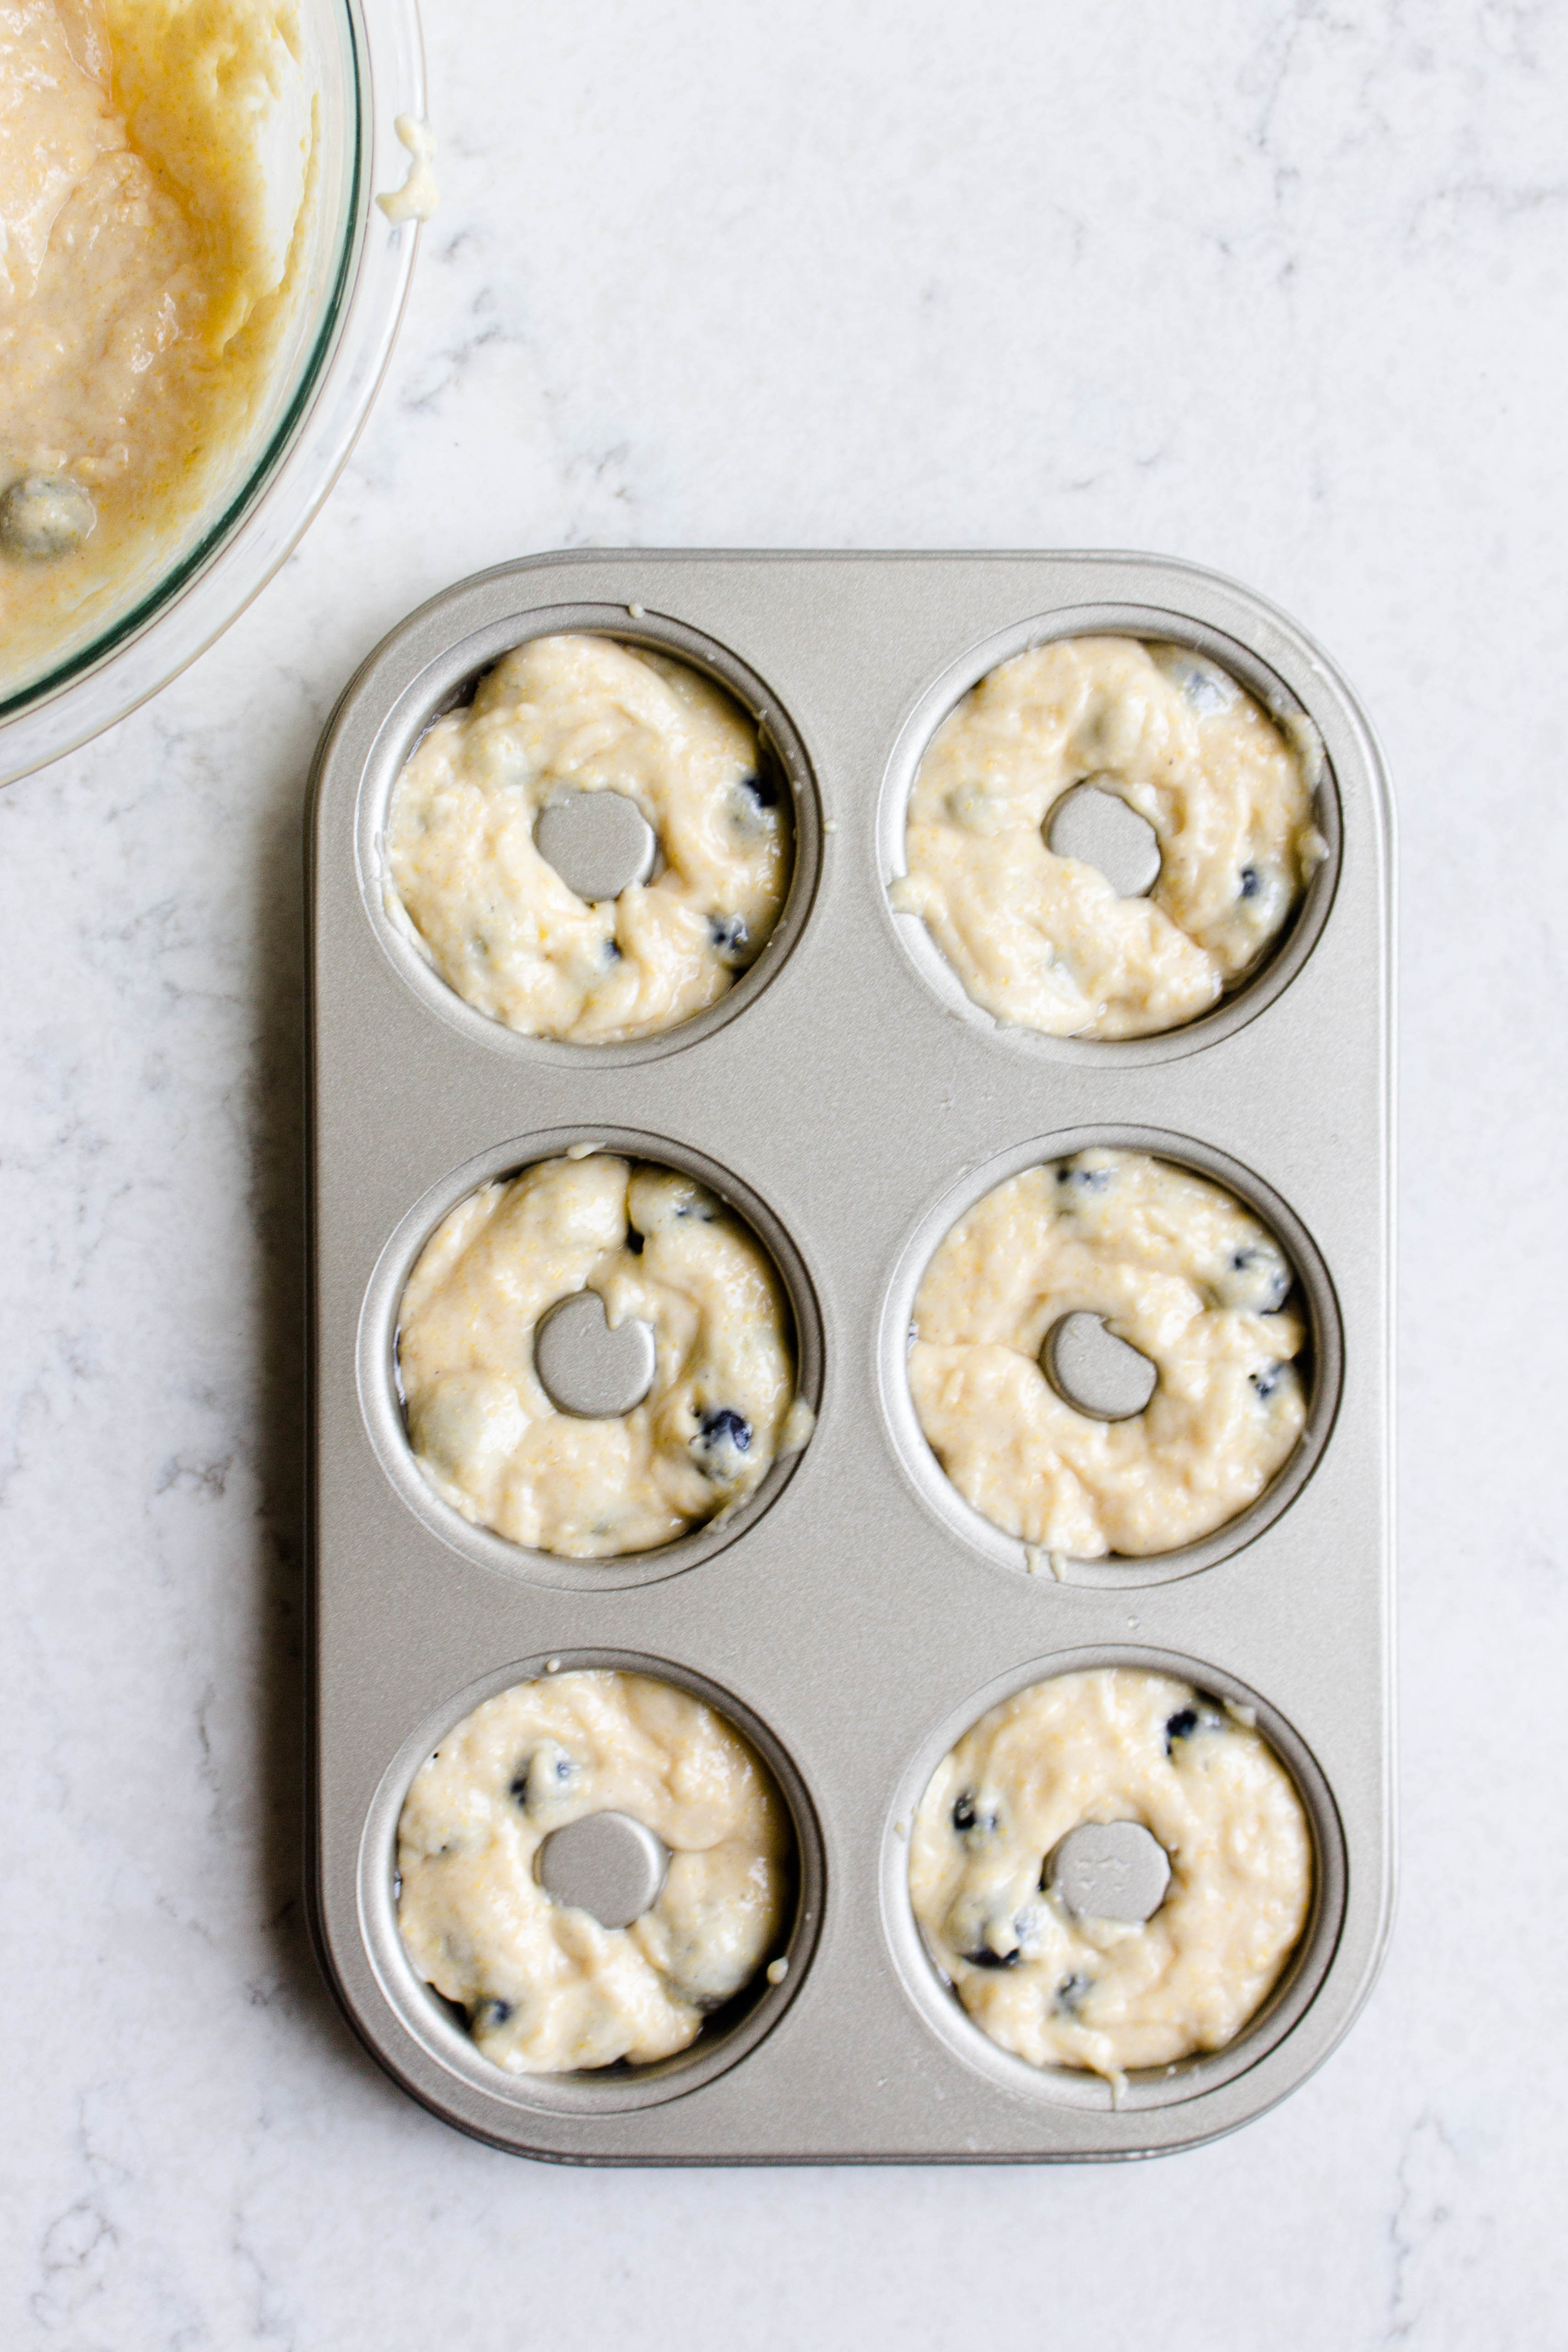 baked blueberry lemon cornmeal donuts-6.jpg